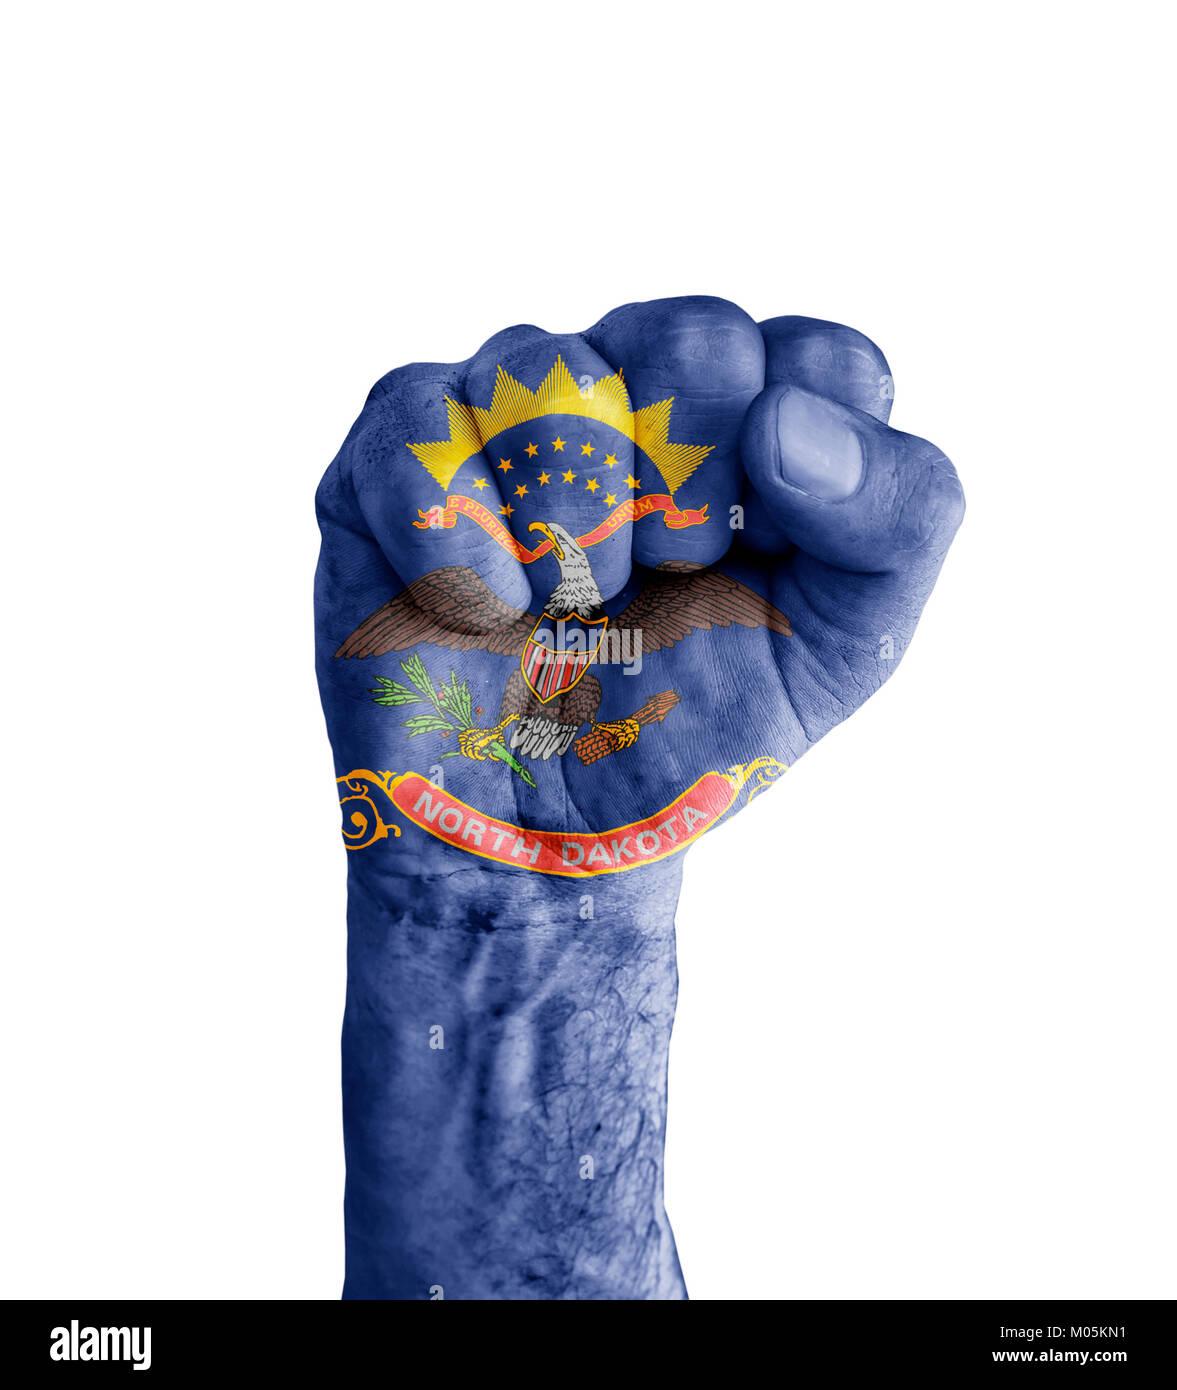 Flag Of Us North Dakota State Painted On Human Fist Like Victory